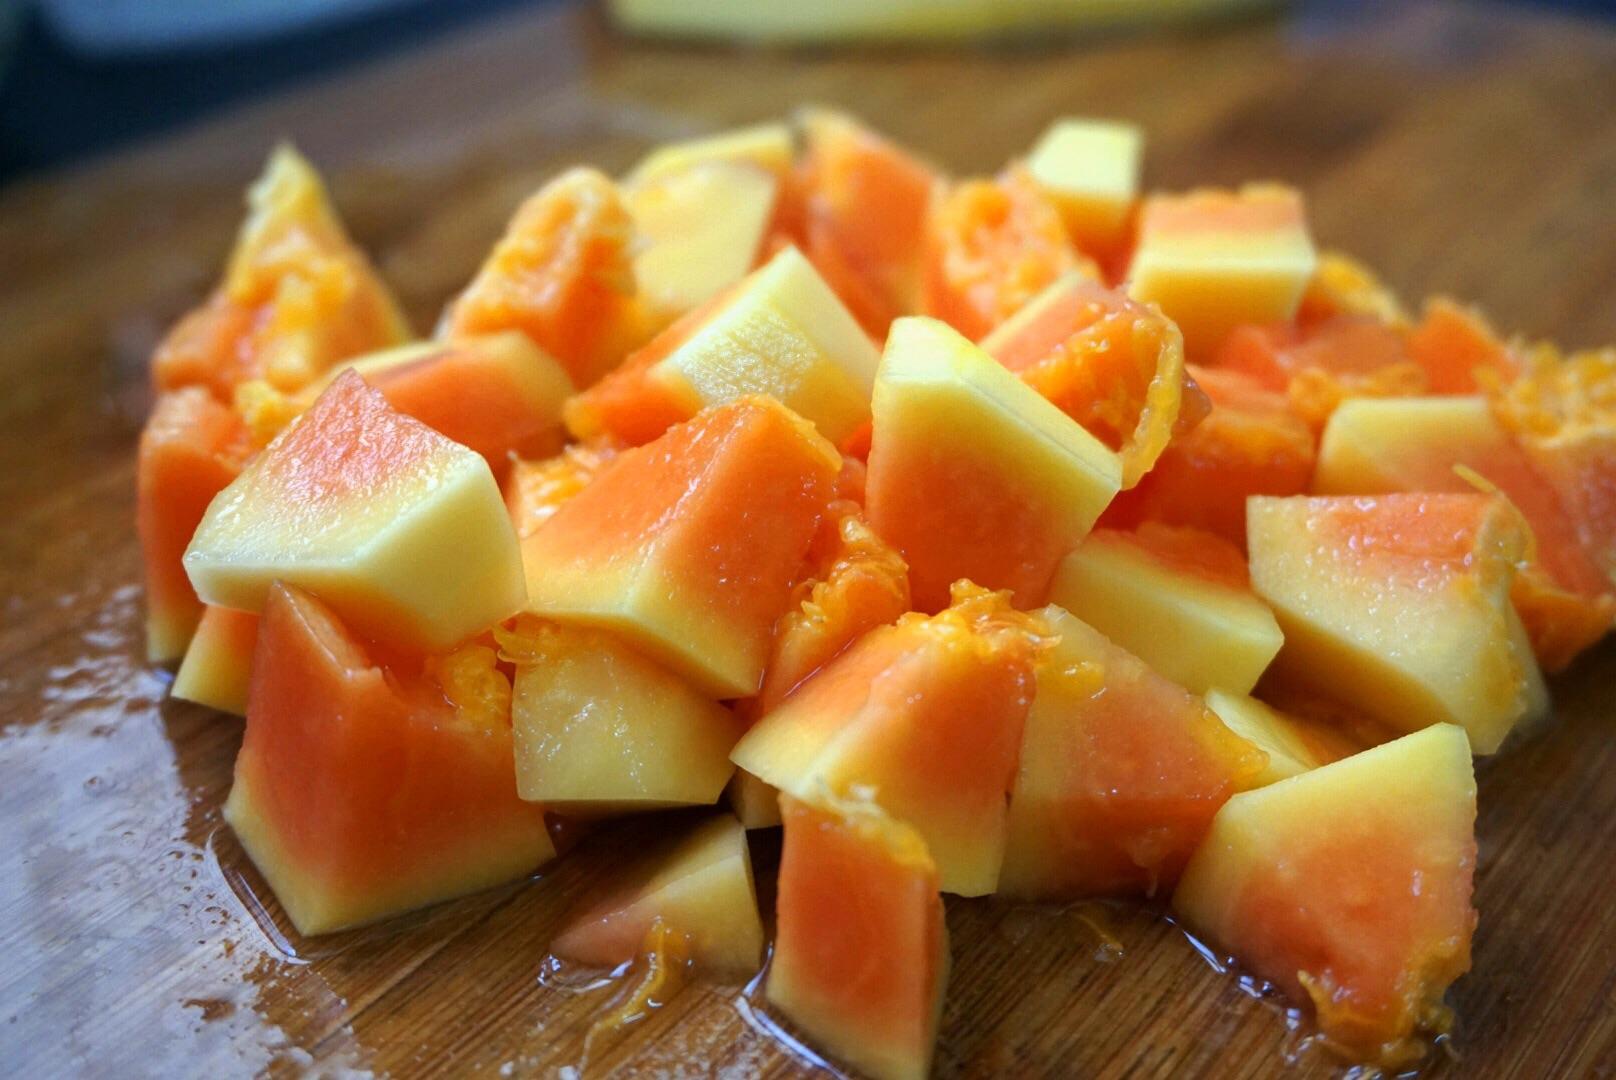 木瓜去皮,切小块.木瓜我买的是外面不太熟的那种,这种比较耐煮.